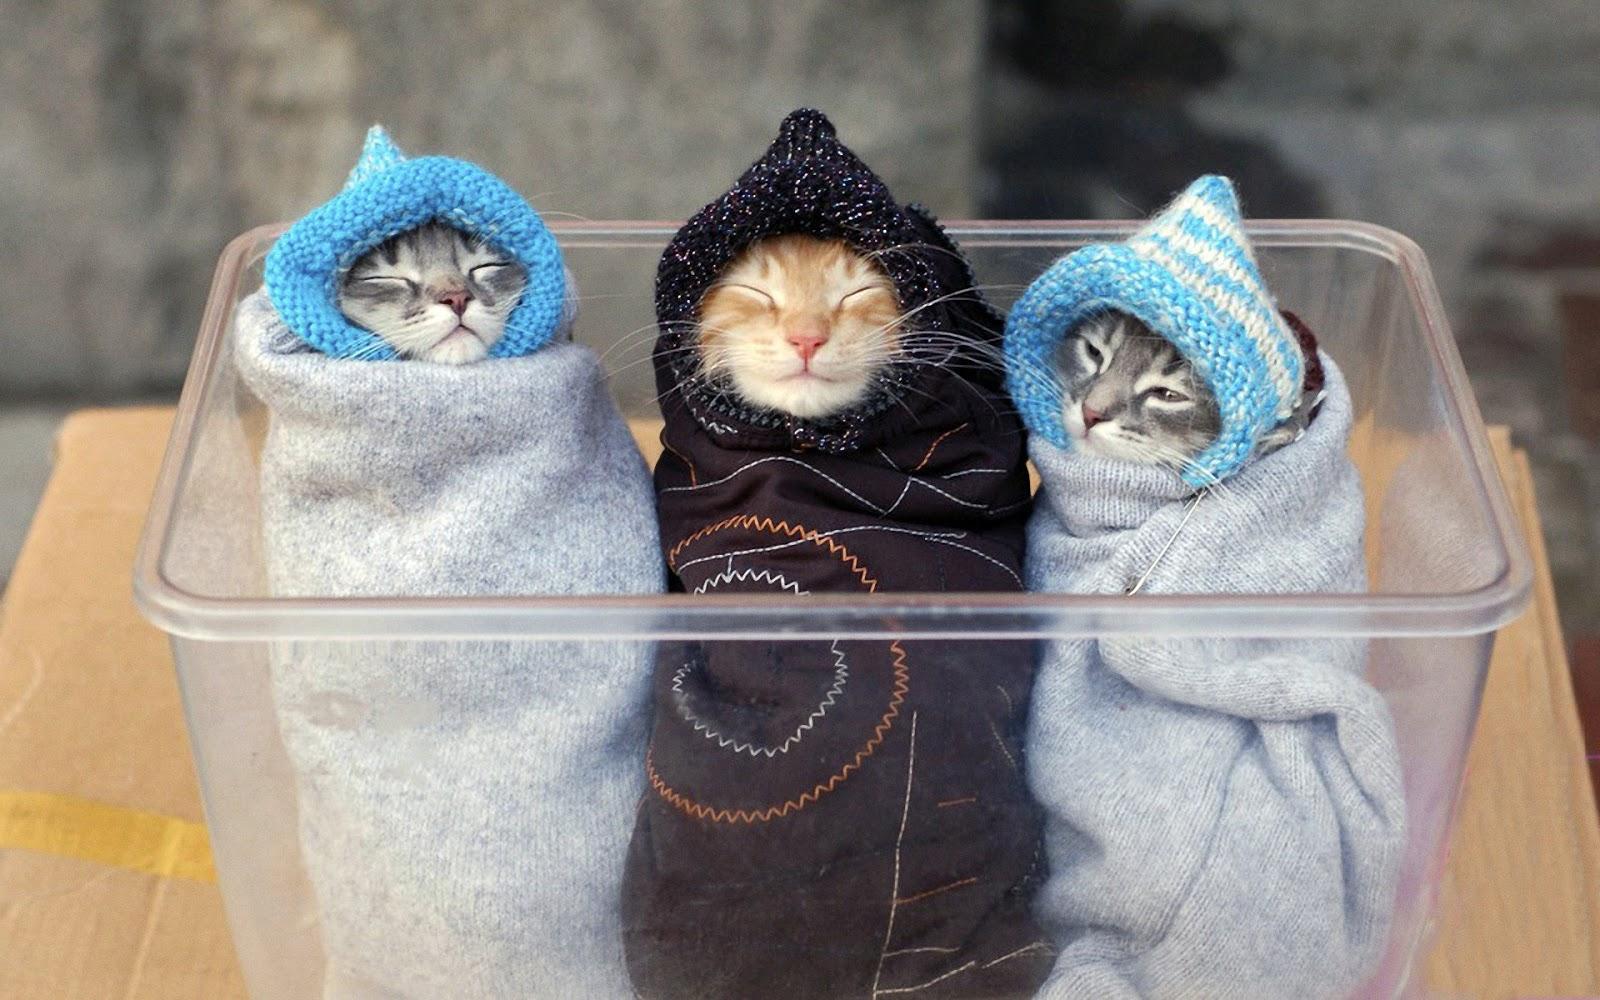 Hintergrundbilder Katzen Kostenlos Downloaden - Wallpaper kostenlos downloaden GIGA